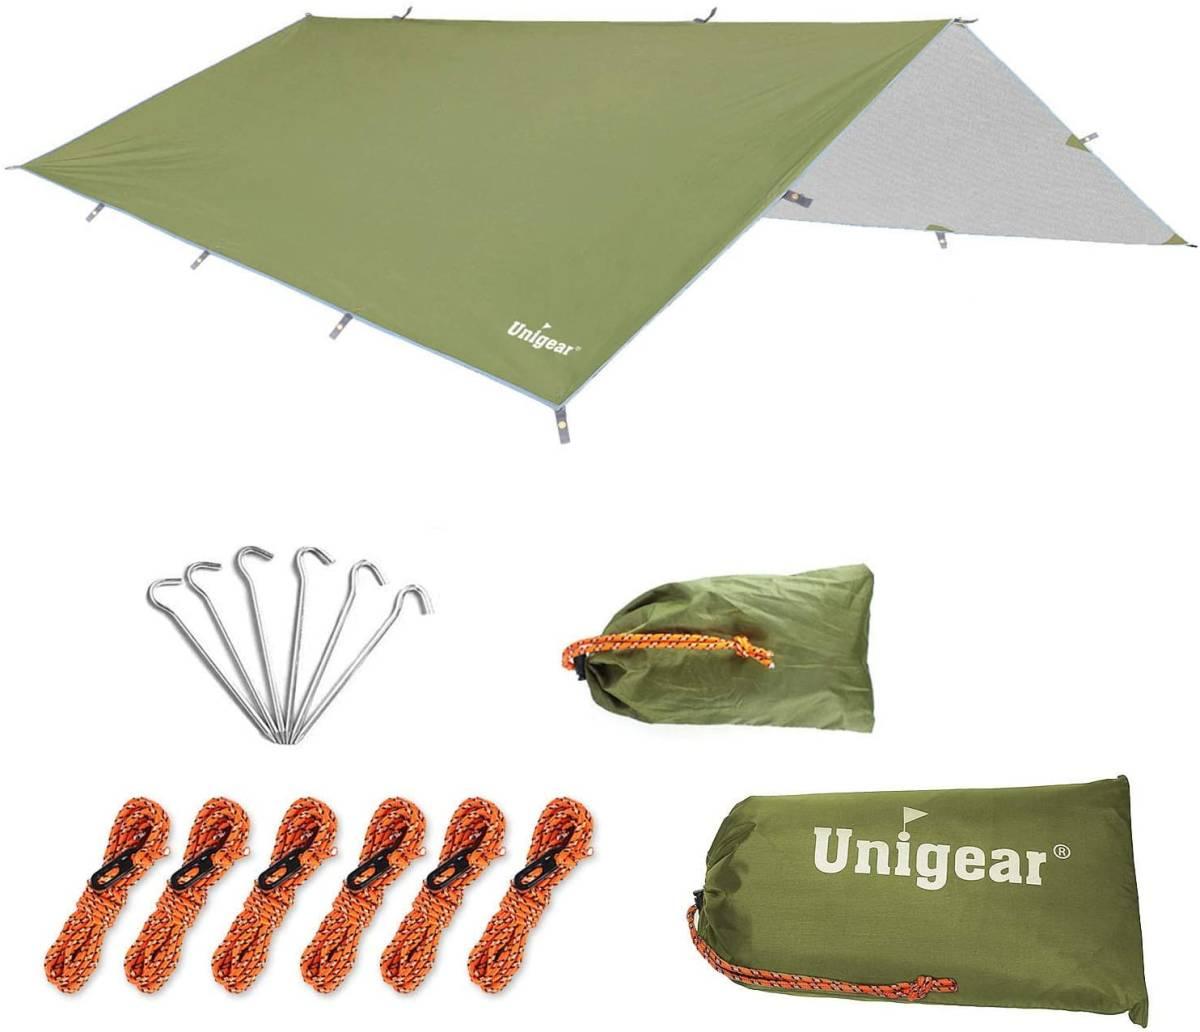 【大特価】防水タープ キャンプ タープ テント 軽量 日除け 高耐水加工 紫外線カット 遮熱 サンシェルター ポータブル 天幕 シェード_画像1